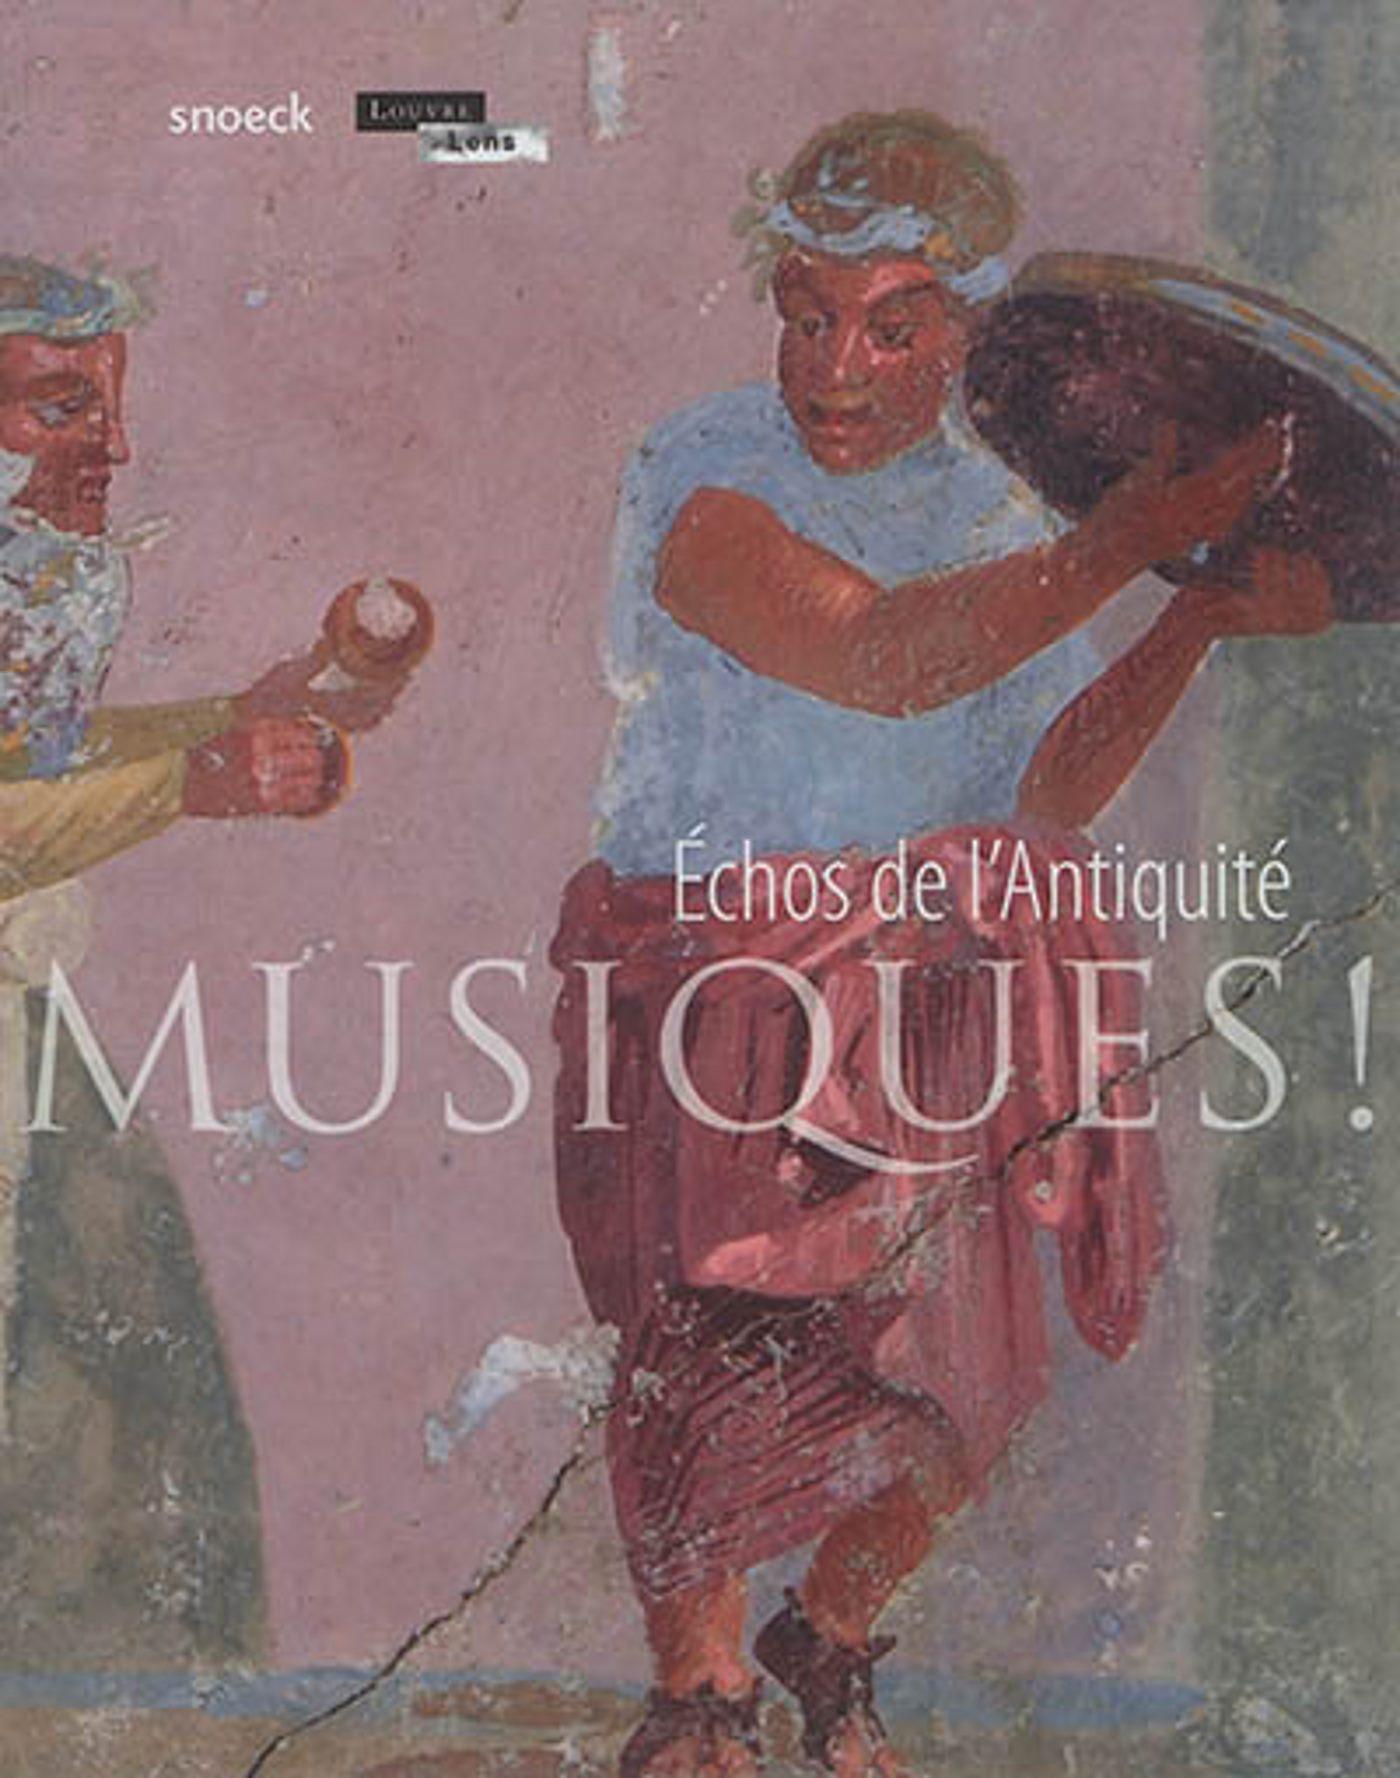 MUSIQUES ECHO DE L'ANTIQUITE